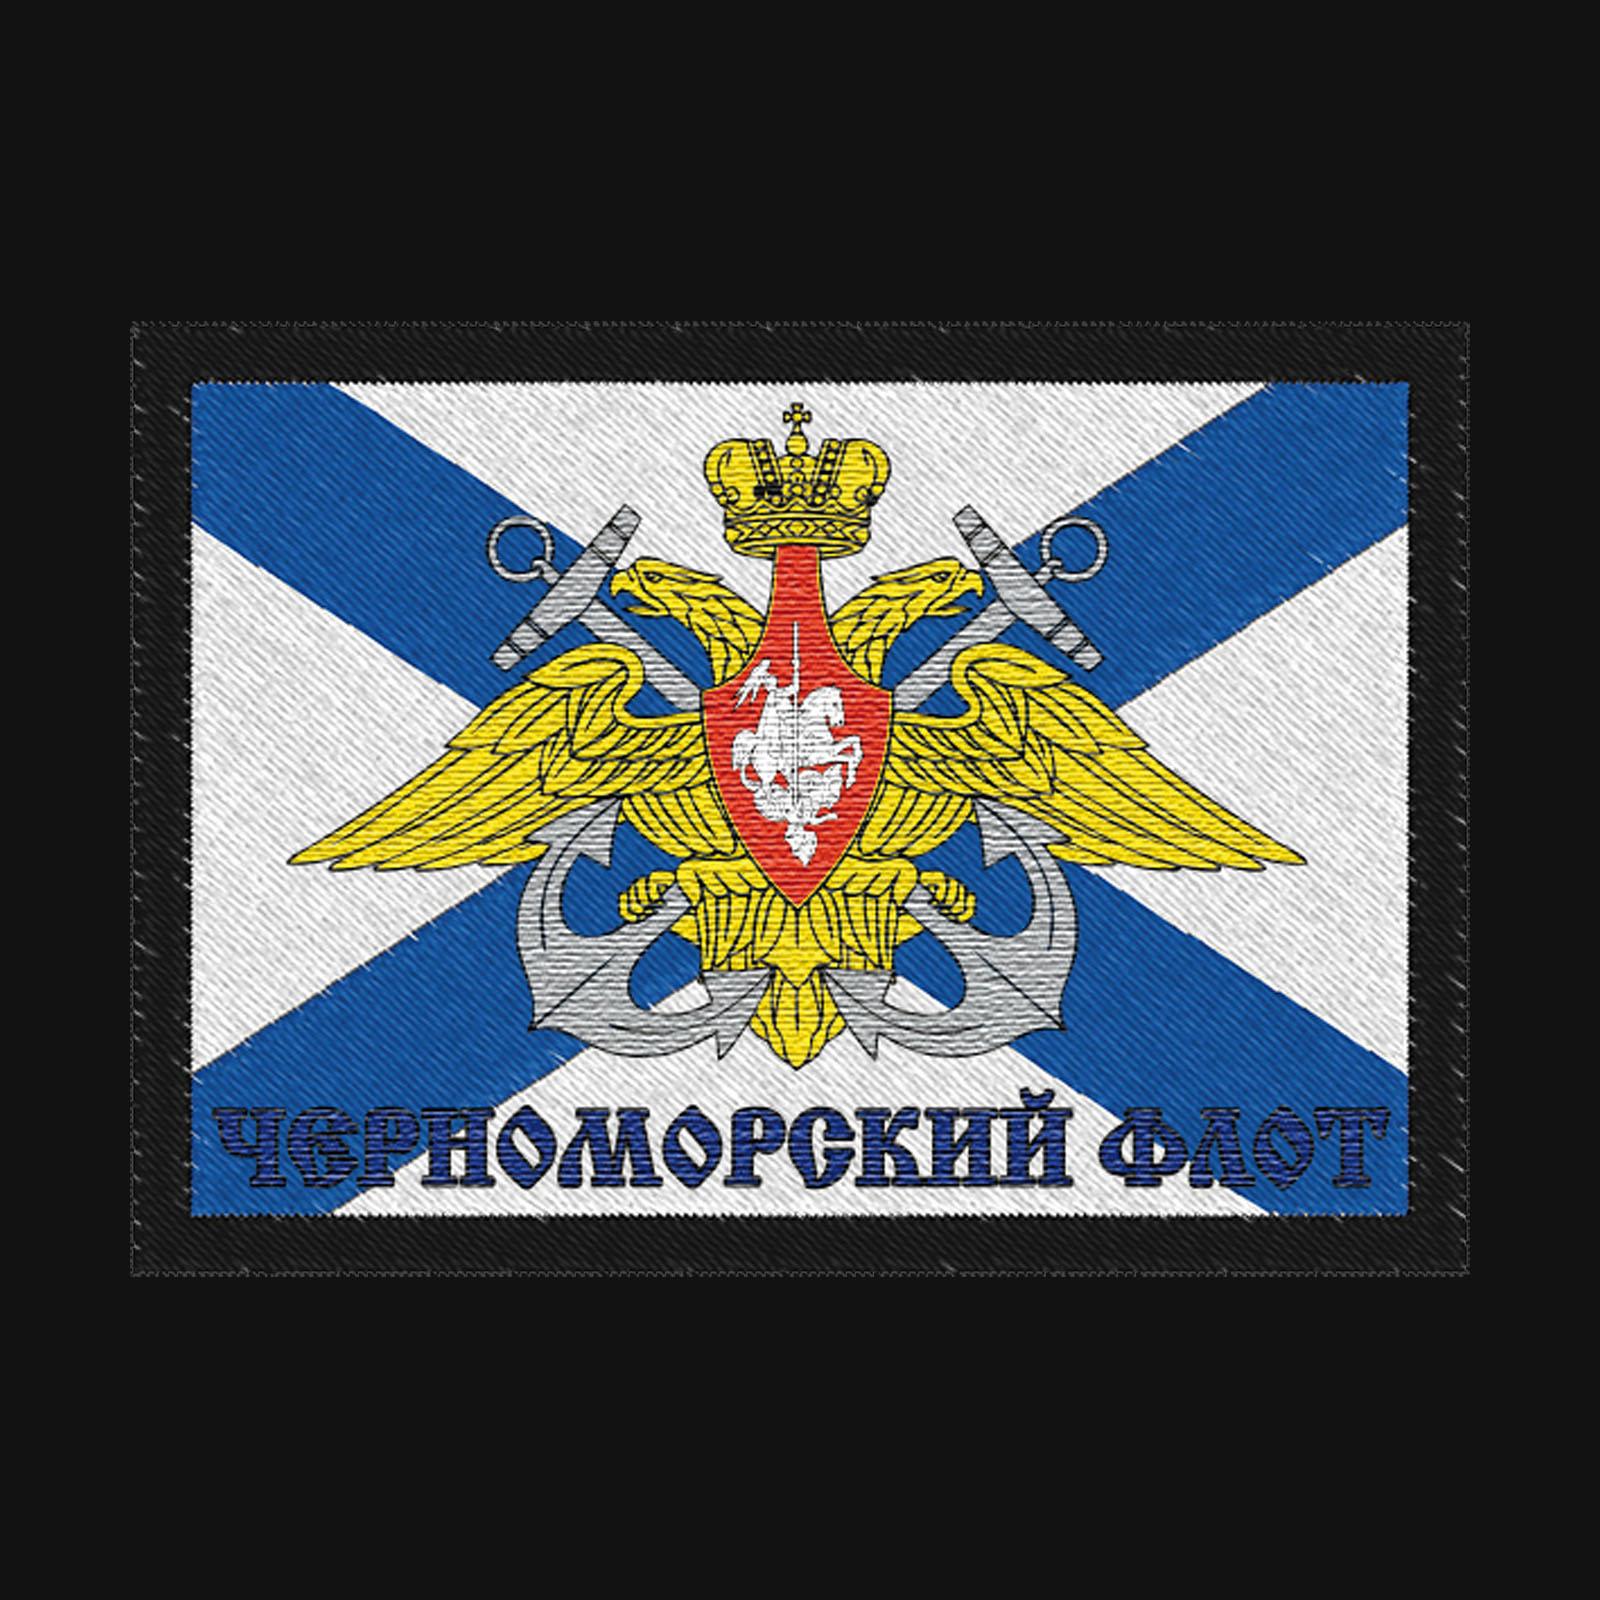 Мужская толстовка с шевроном Черноморский флот купить в розницу